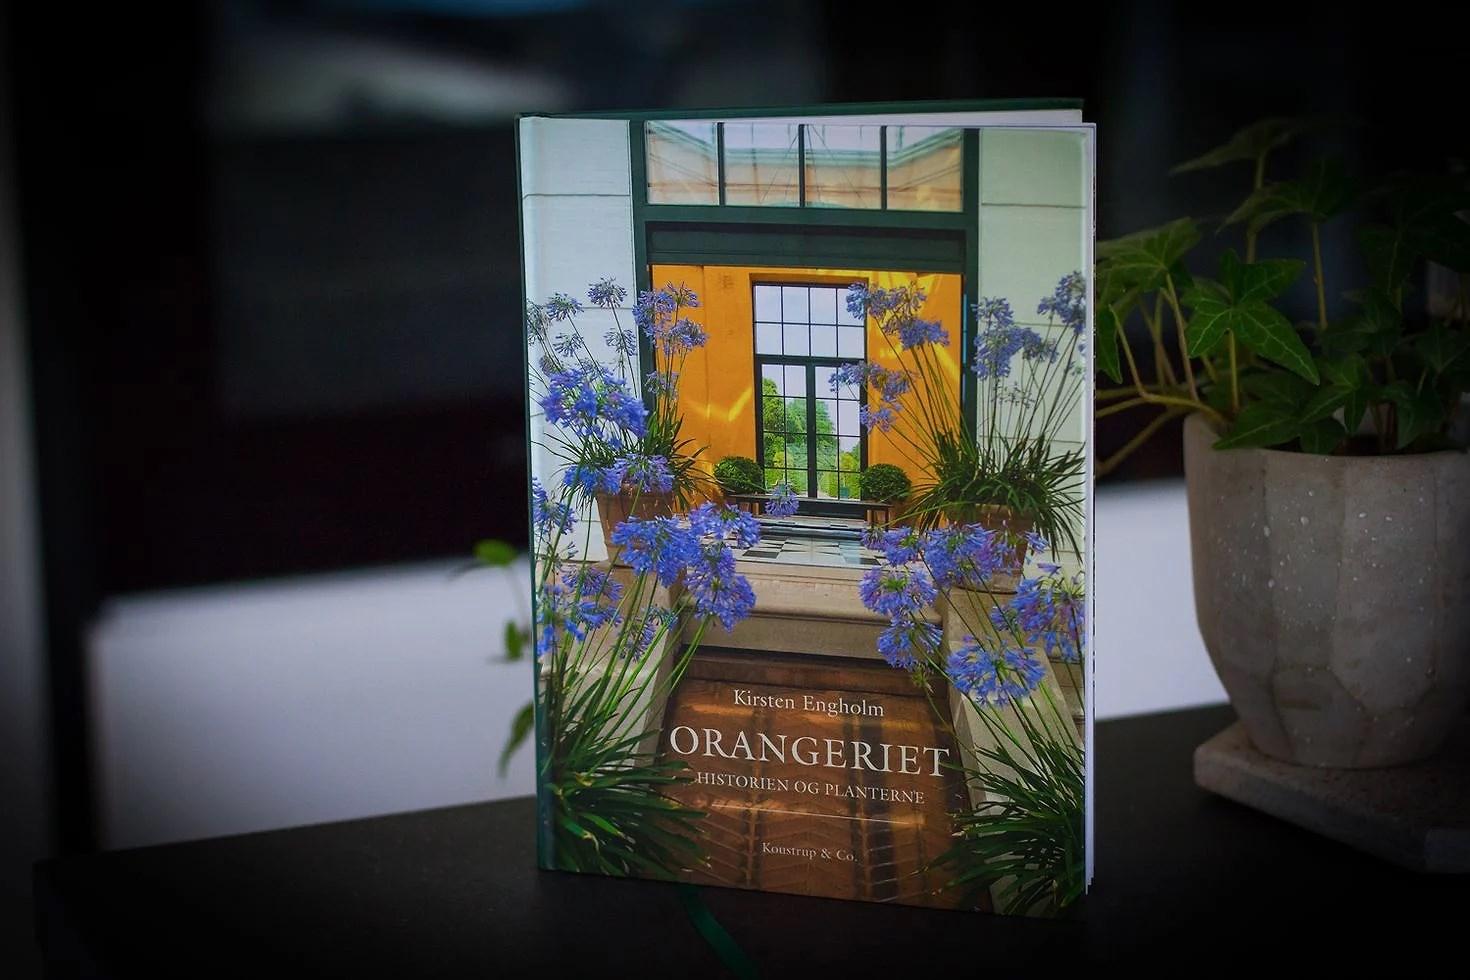 Boganmeldelse: ORANGERIET - Historien og planterne